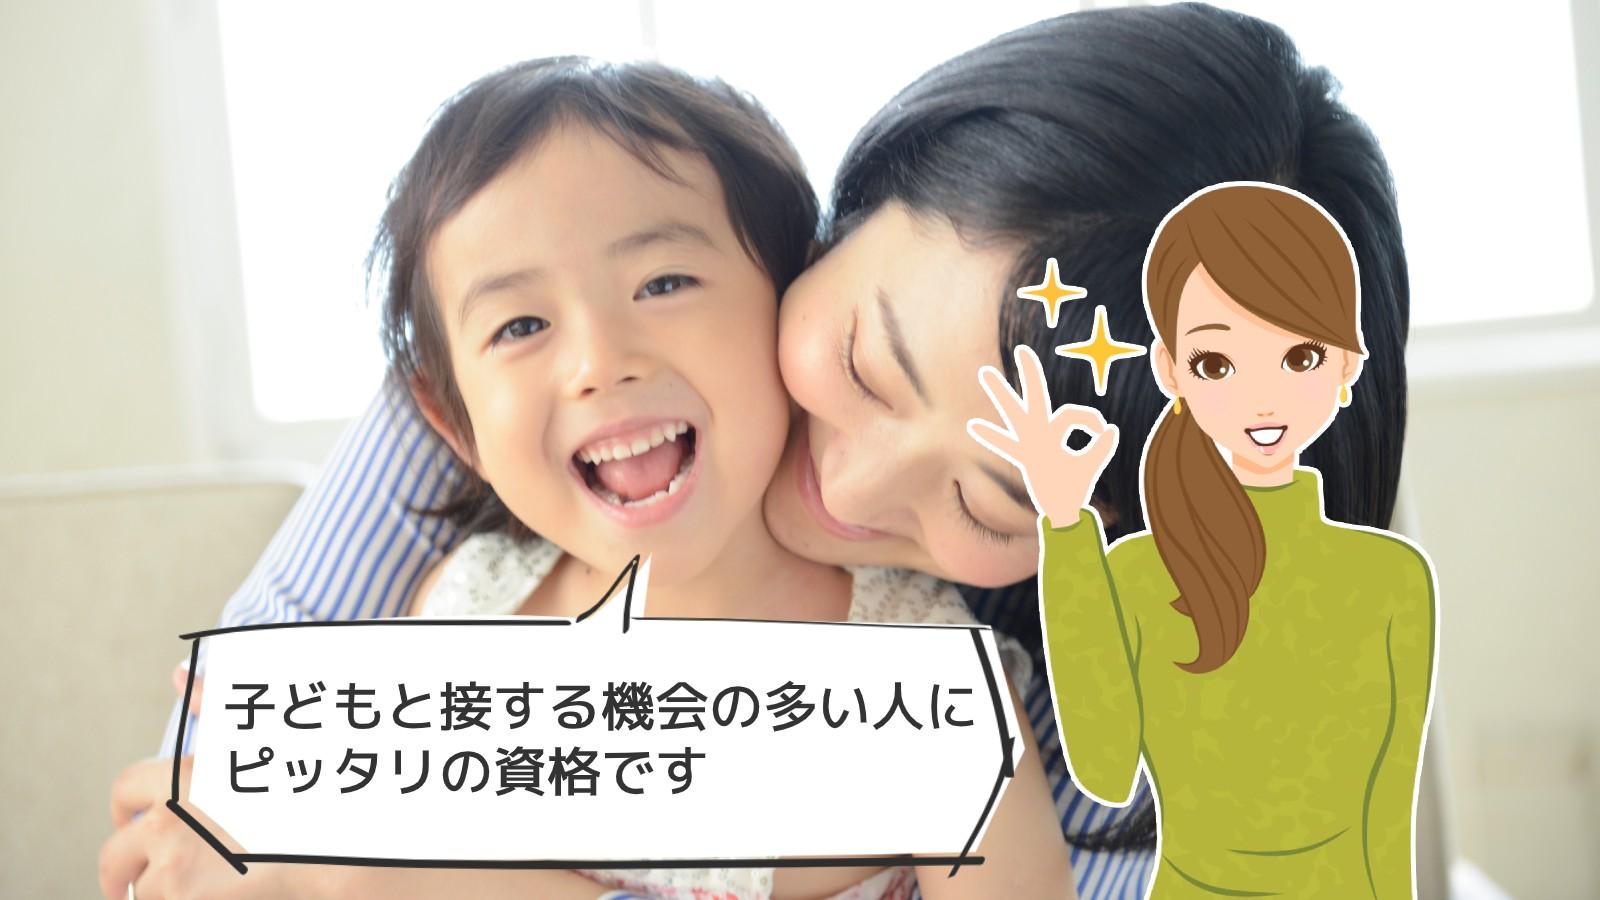 「子ども心理資格」のアイキャッチ画像